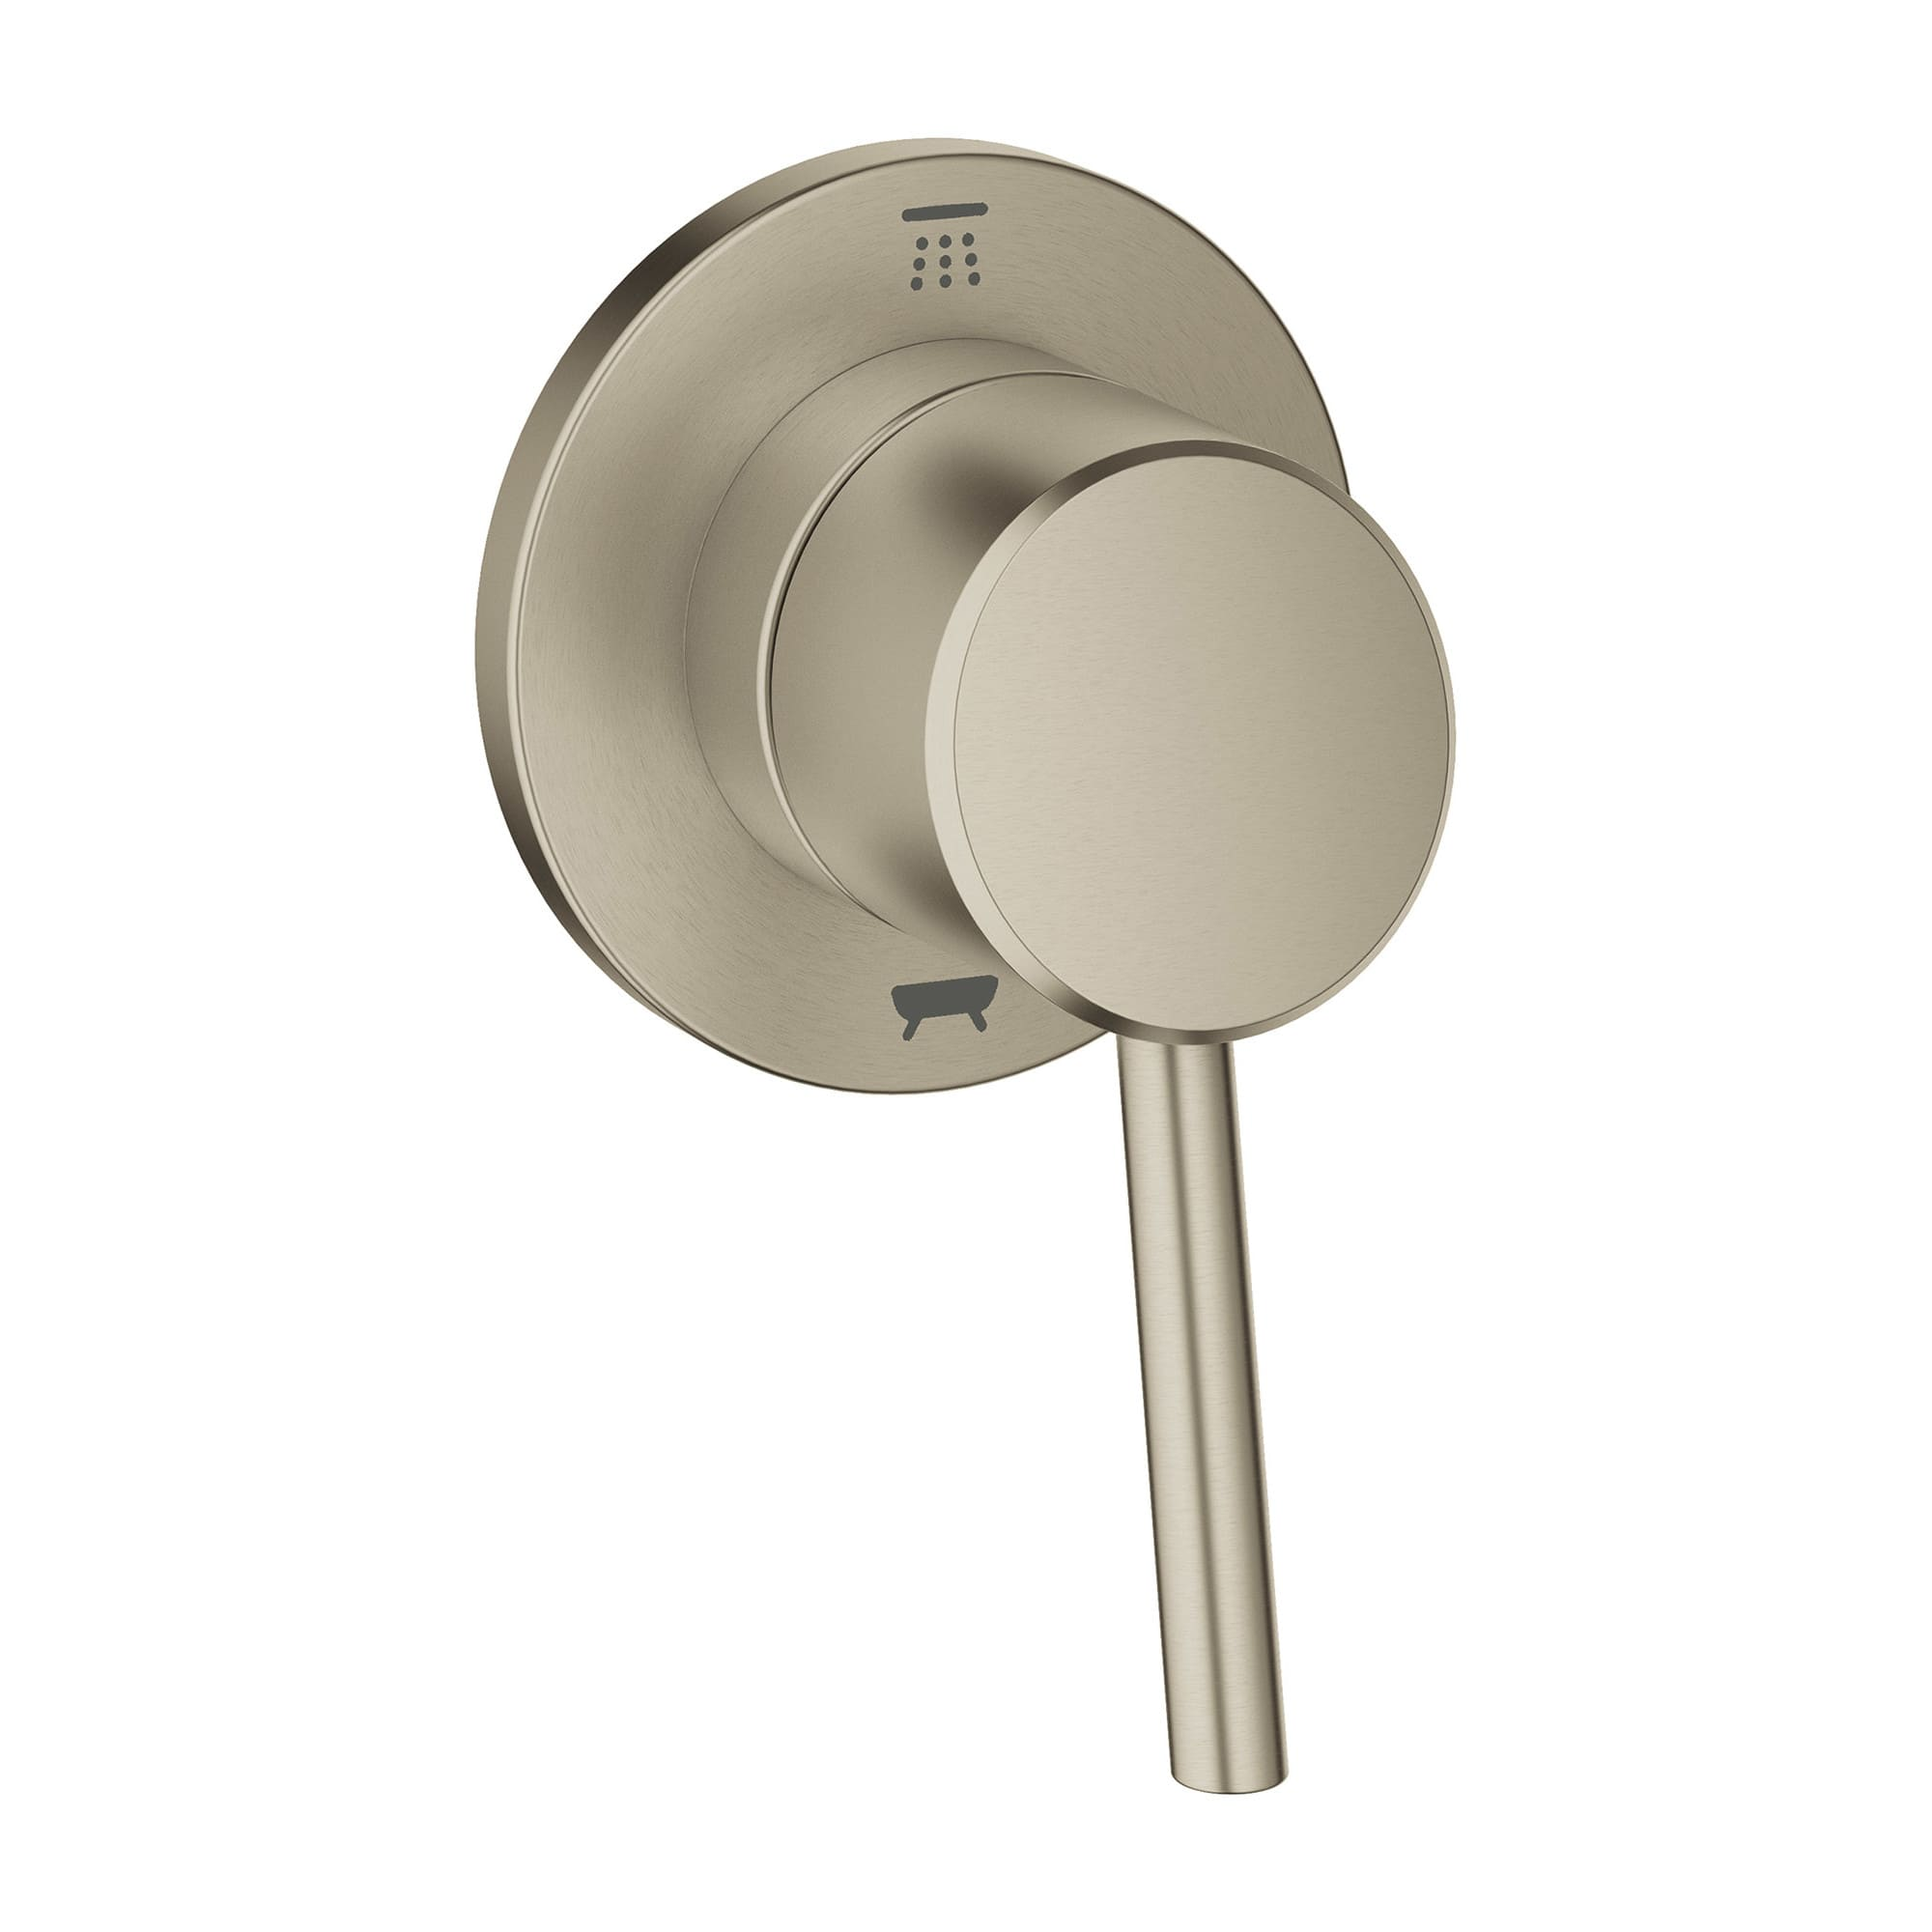 3 Way Shower Diverter Valve Brushed Nickel.Grohe 29 106